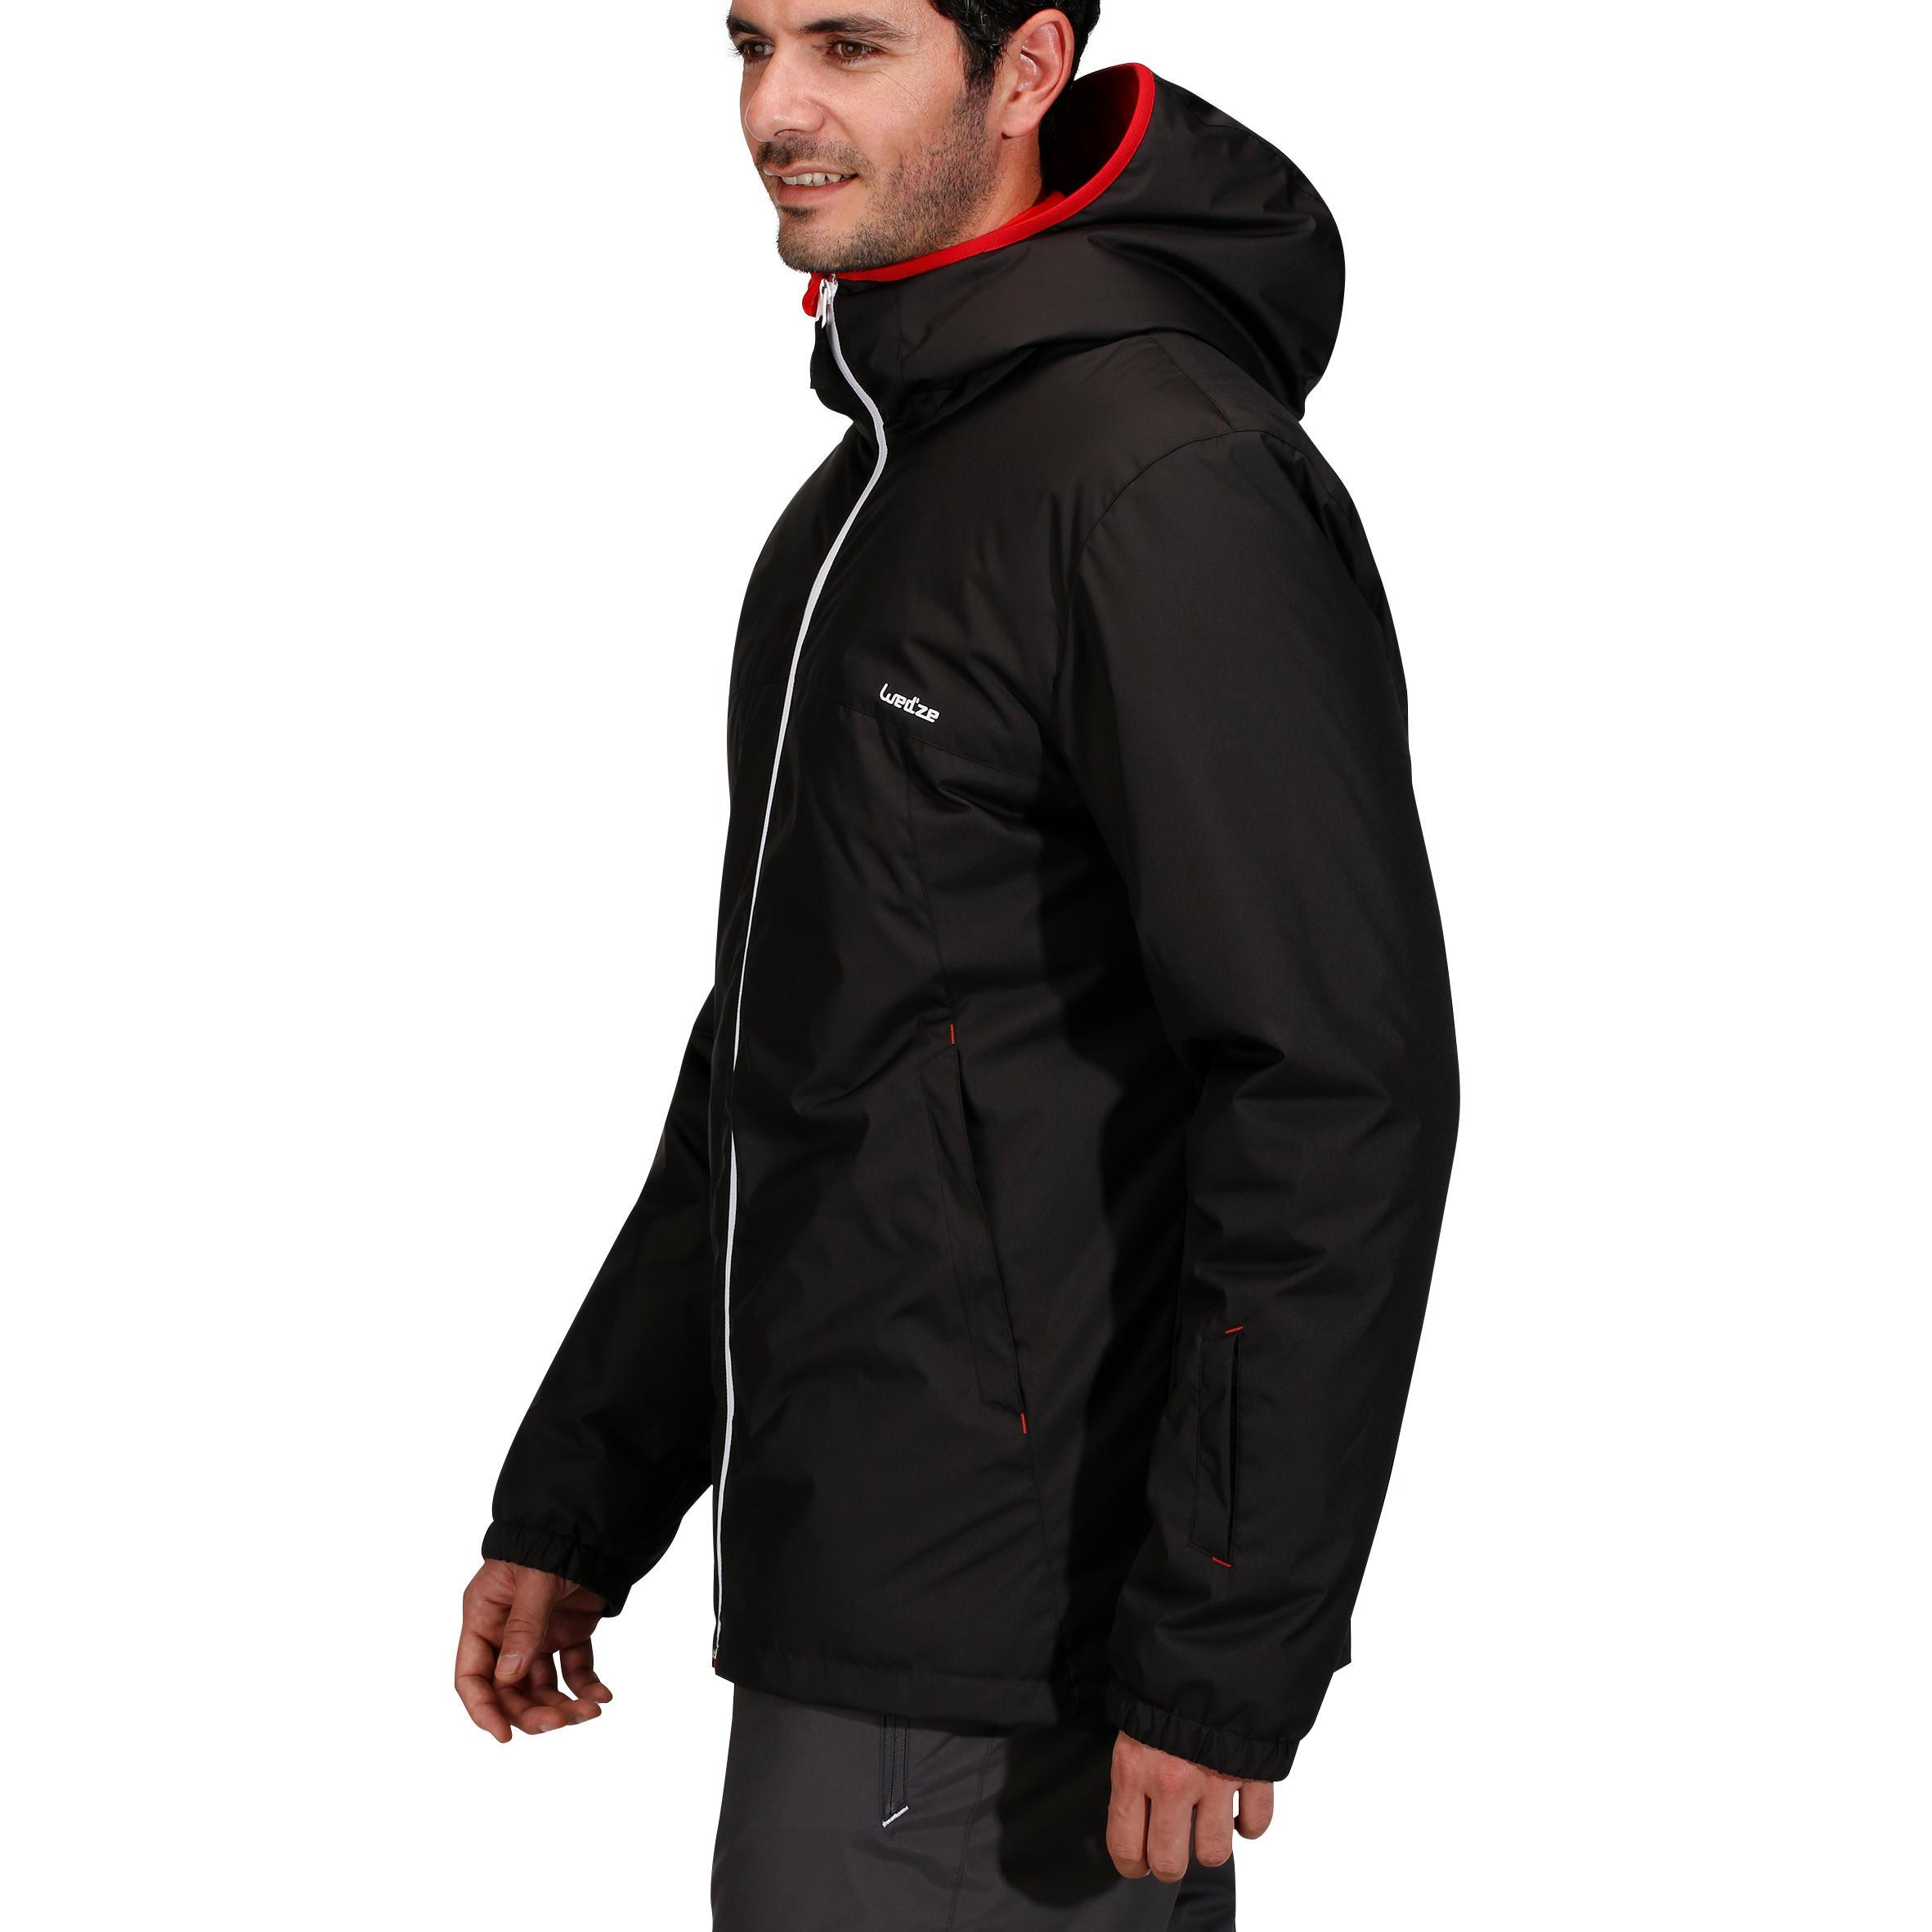 เสื้อแจ็คเก็ตผู้ชายสำหรับใส่เล่นสกีลงเขารุ่น Ski-P 100 (สีดำ)